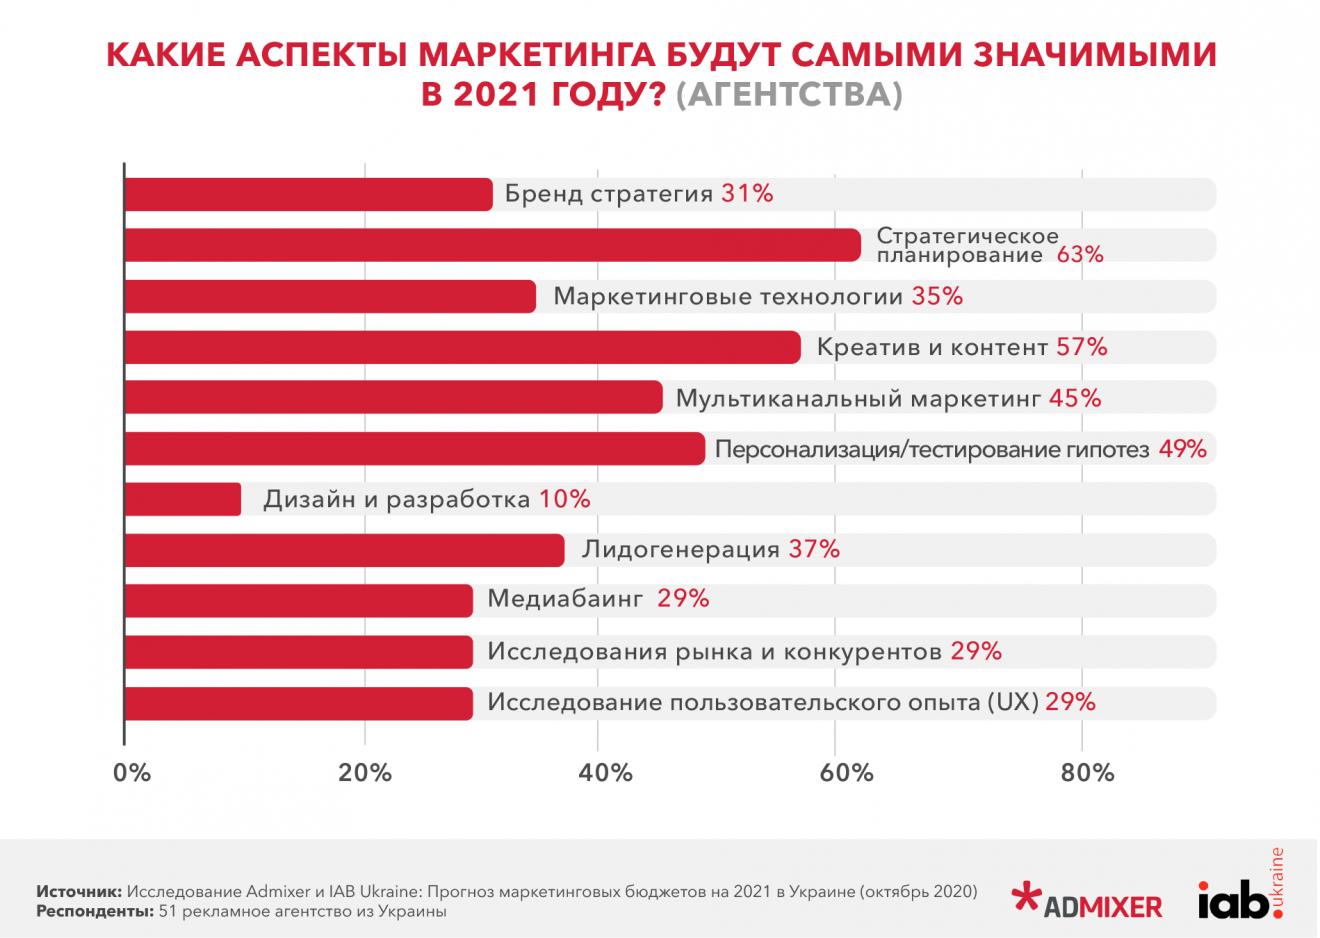 4-1320x938 Прогноз маркетингових бюджетів в Україні на 2021 рік. Дослідження Admixer і IAB Ukraine